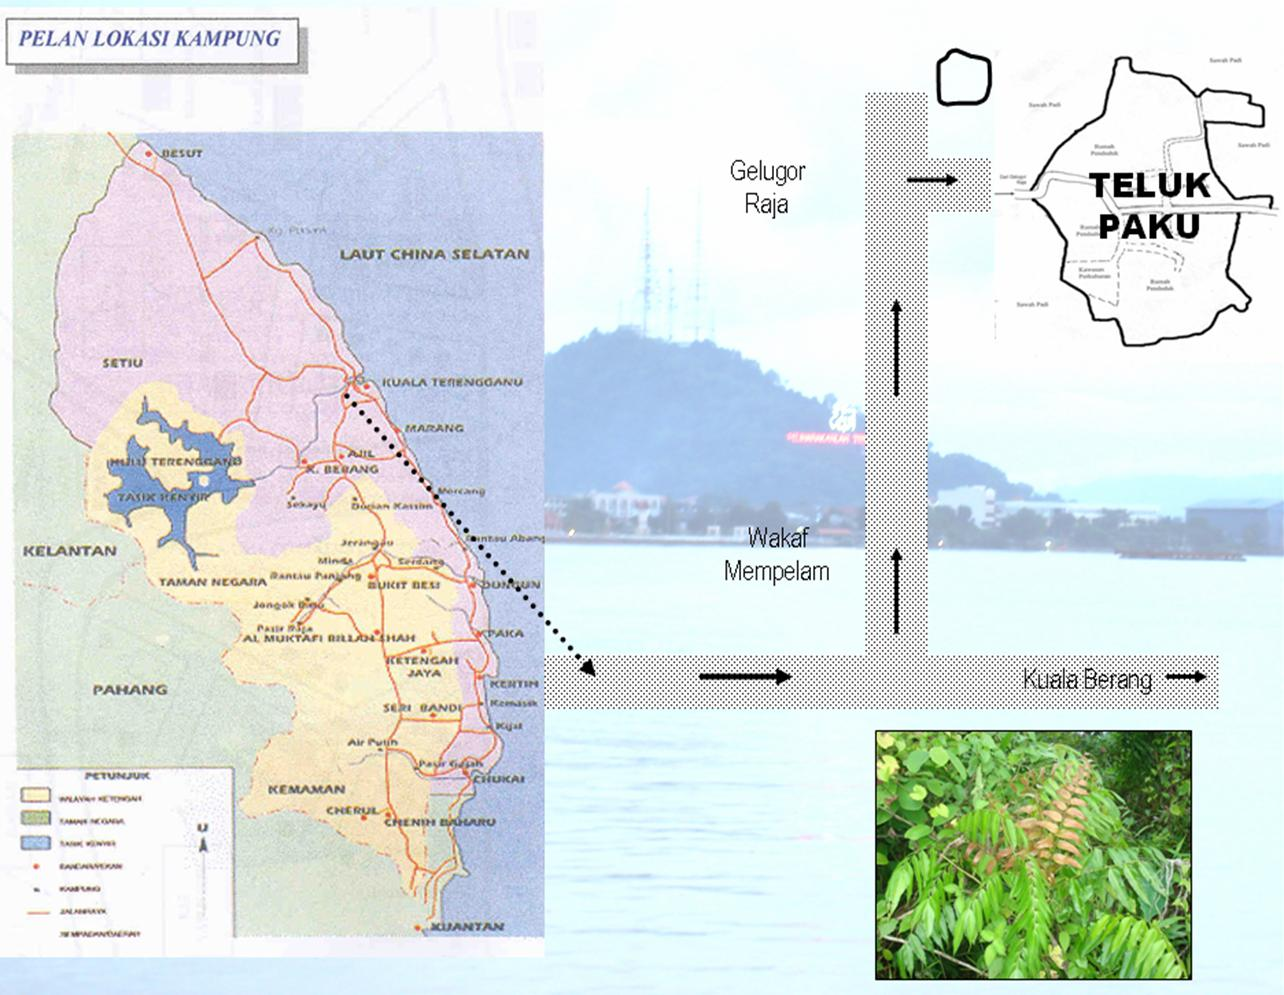 Pelan Lokasi Kampung Teluk Paku